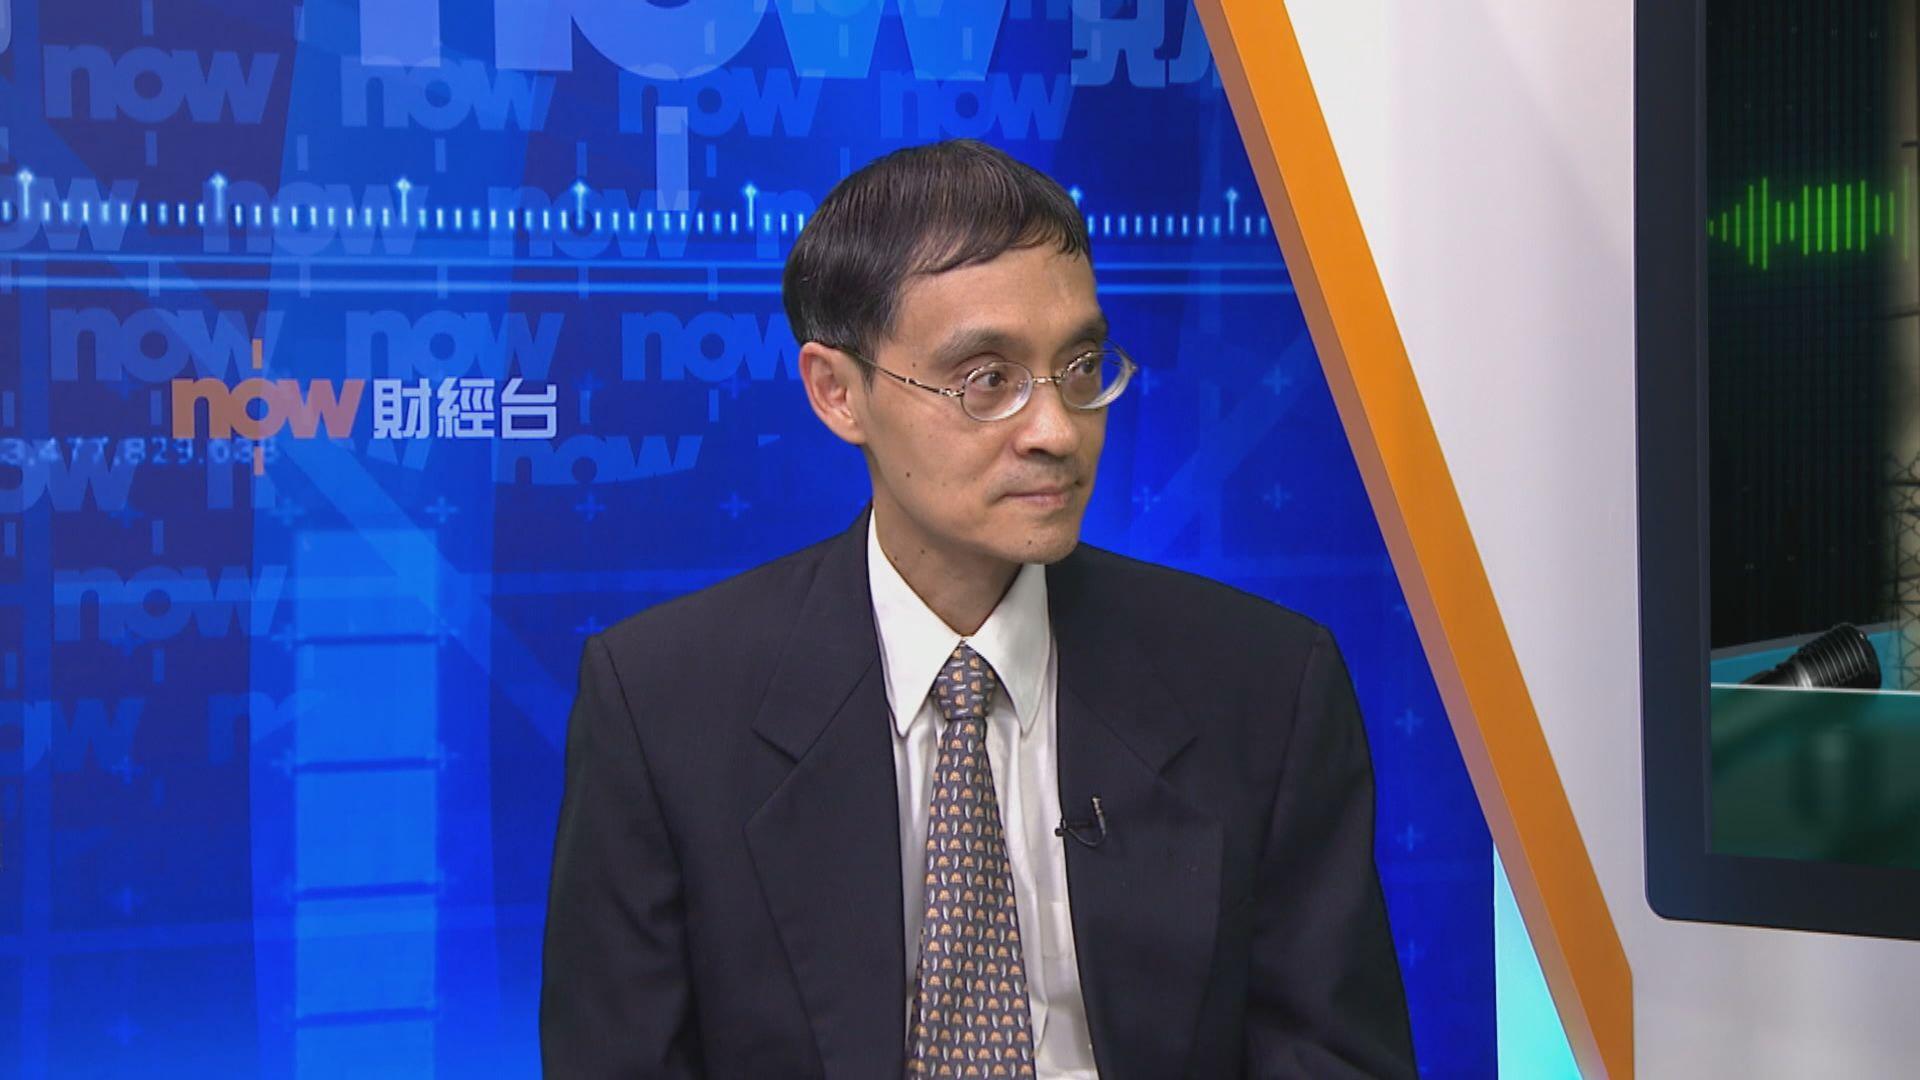 陳弘毅:元朗襲擊事件威脅本港法治